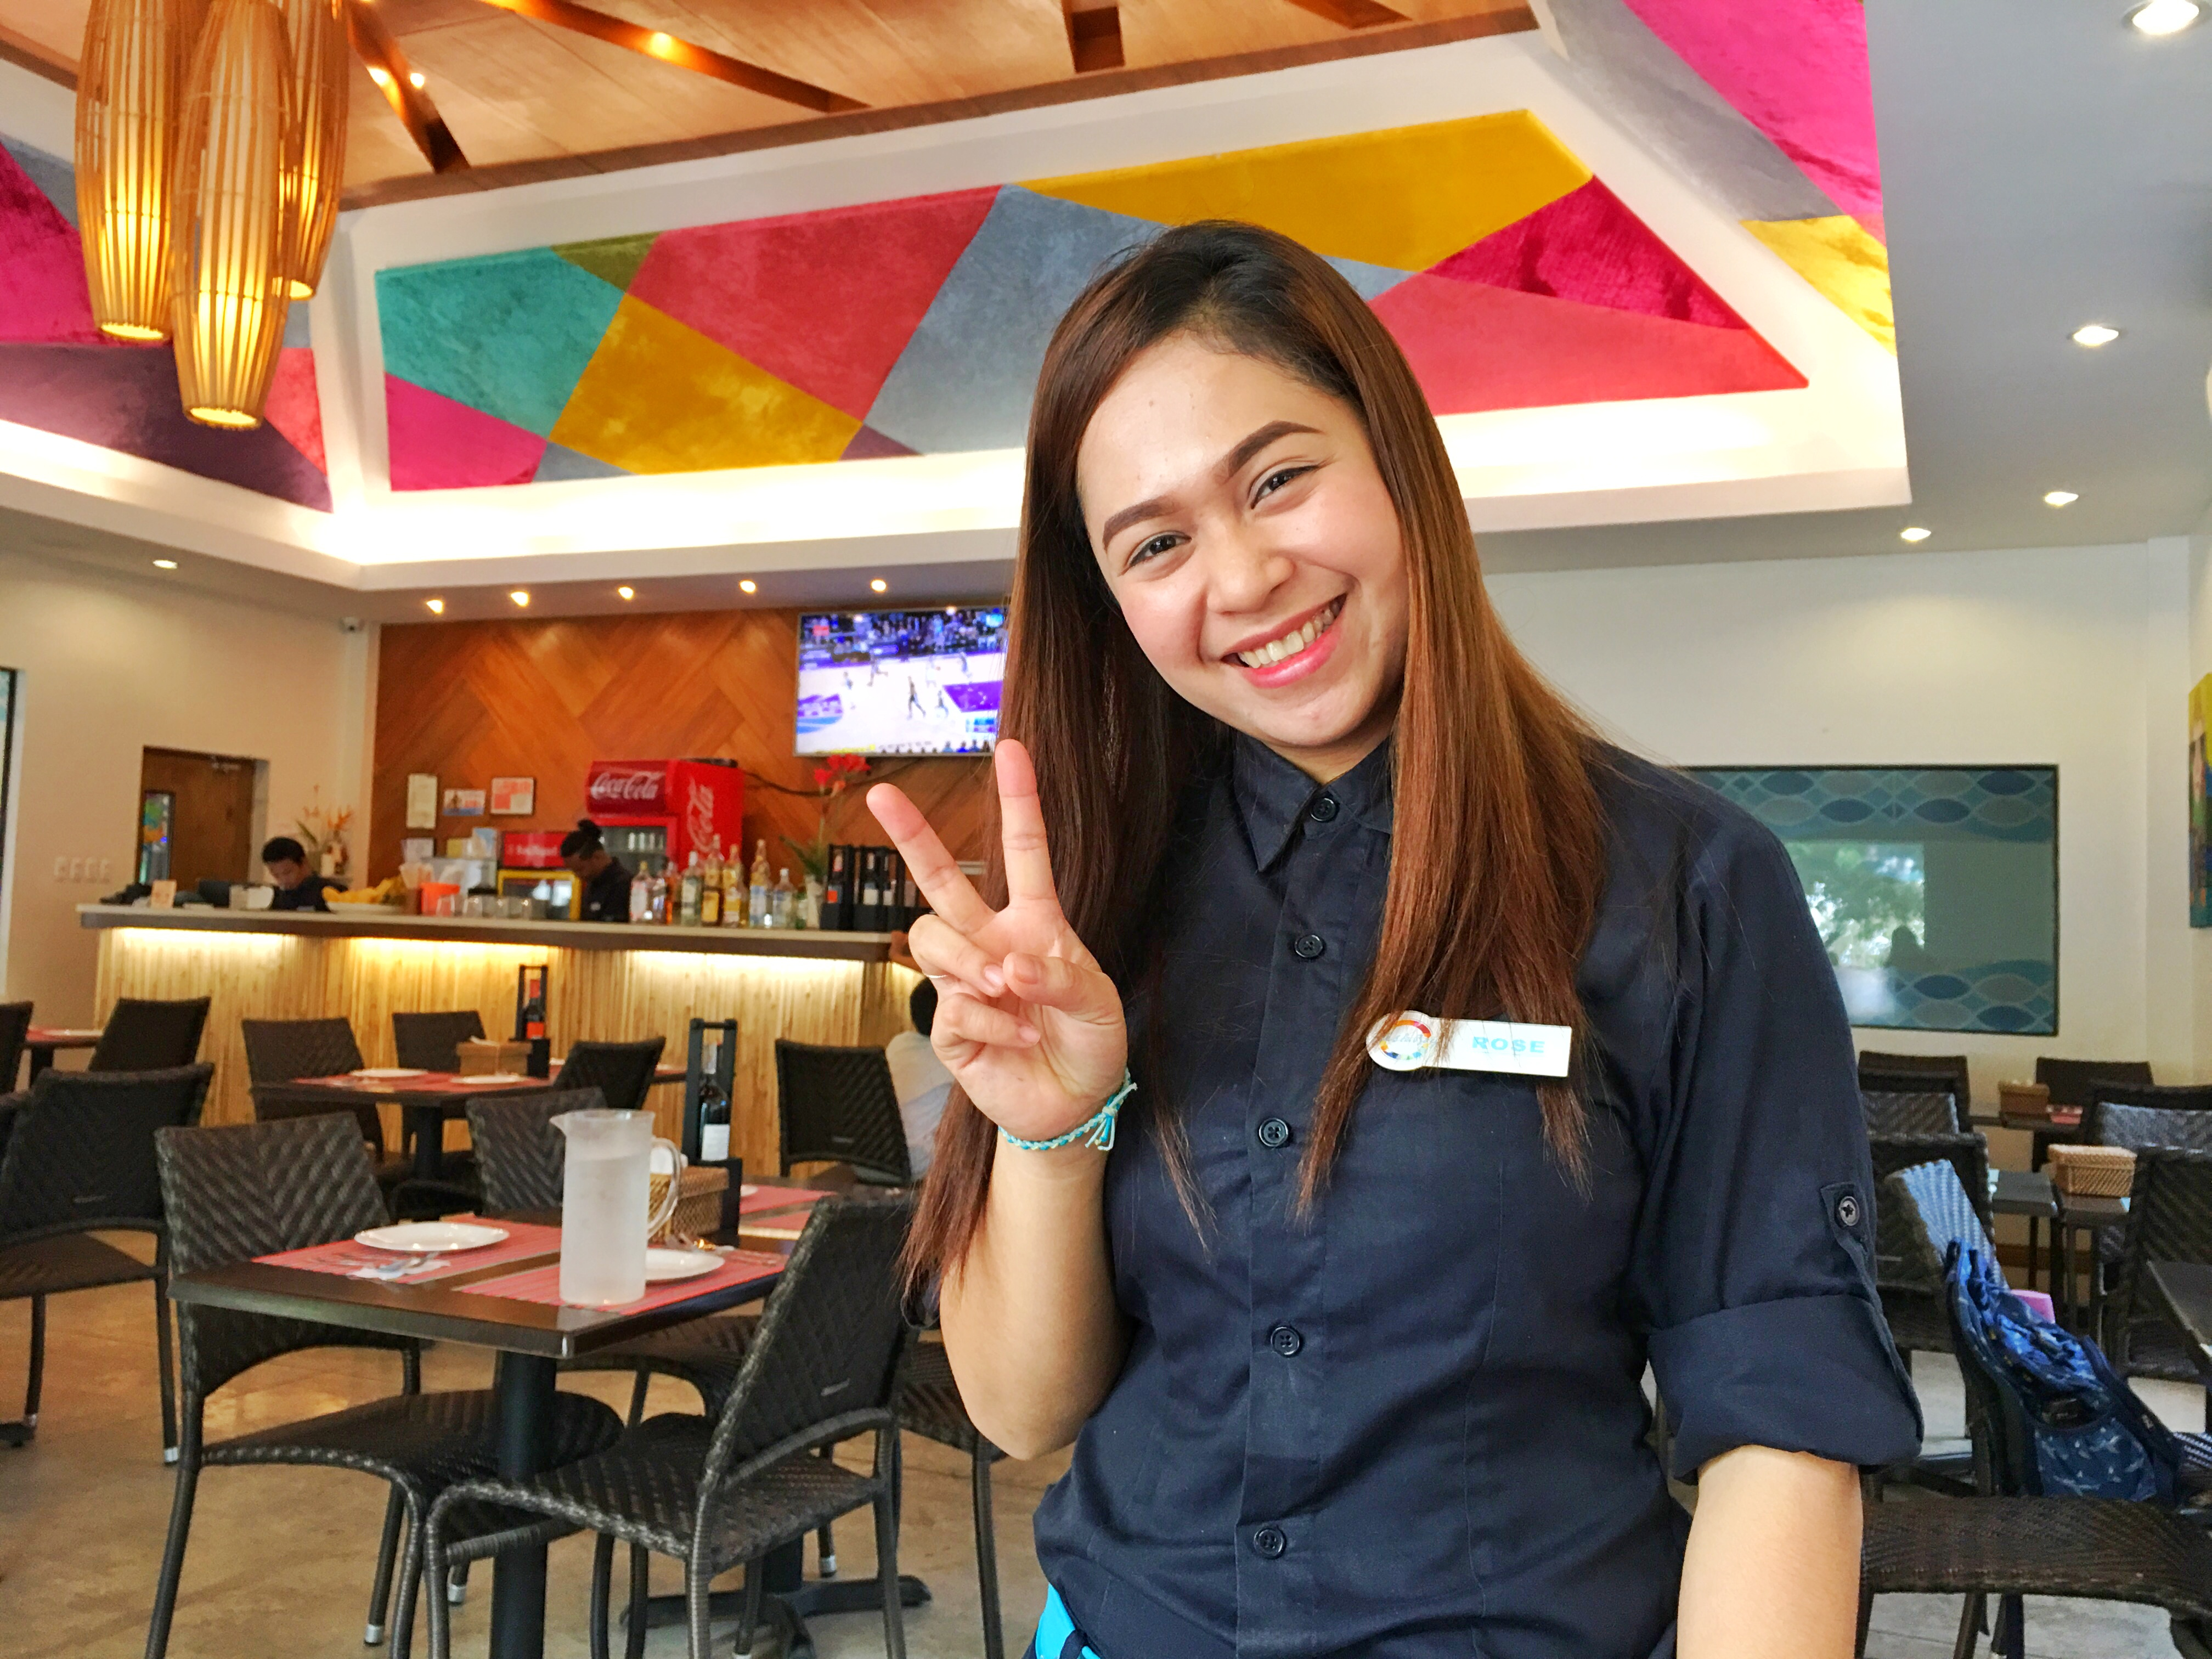 マクタン飯(2)~マクタン島おすすめレストラン~フィリピン料理『Fiesta Bay(フィエスタベイ)』~シャングリラ、モーベンピックホテル